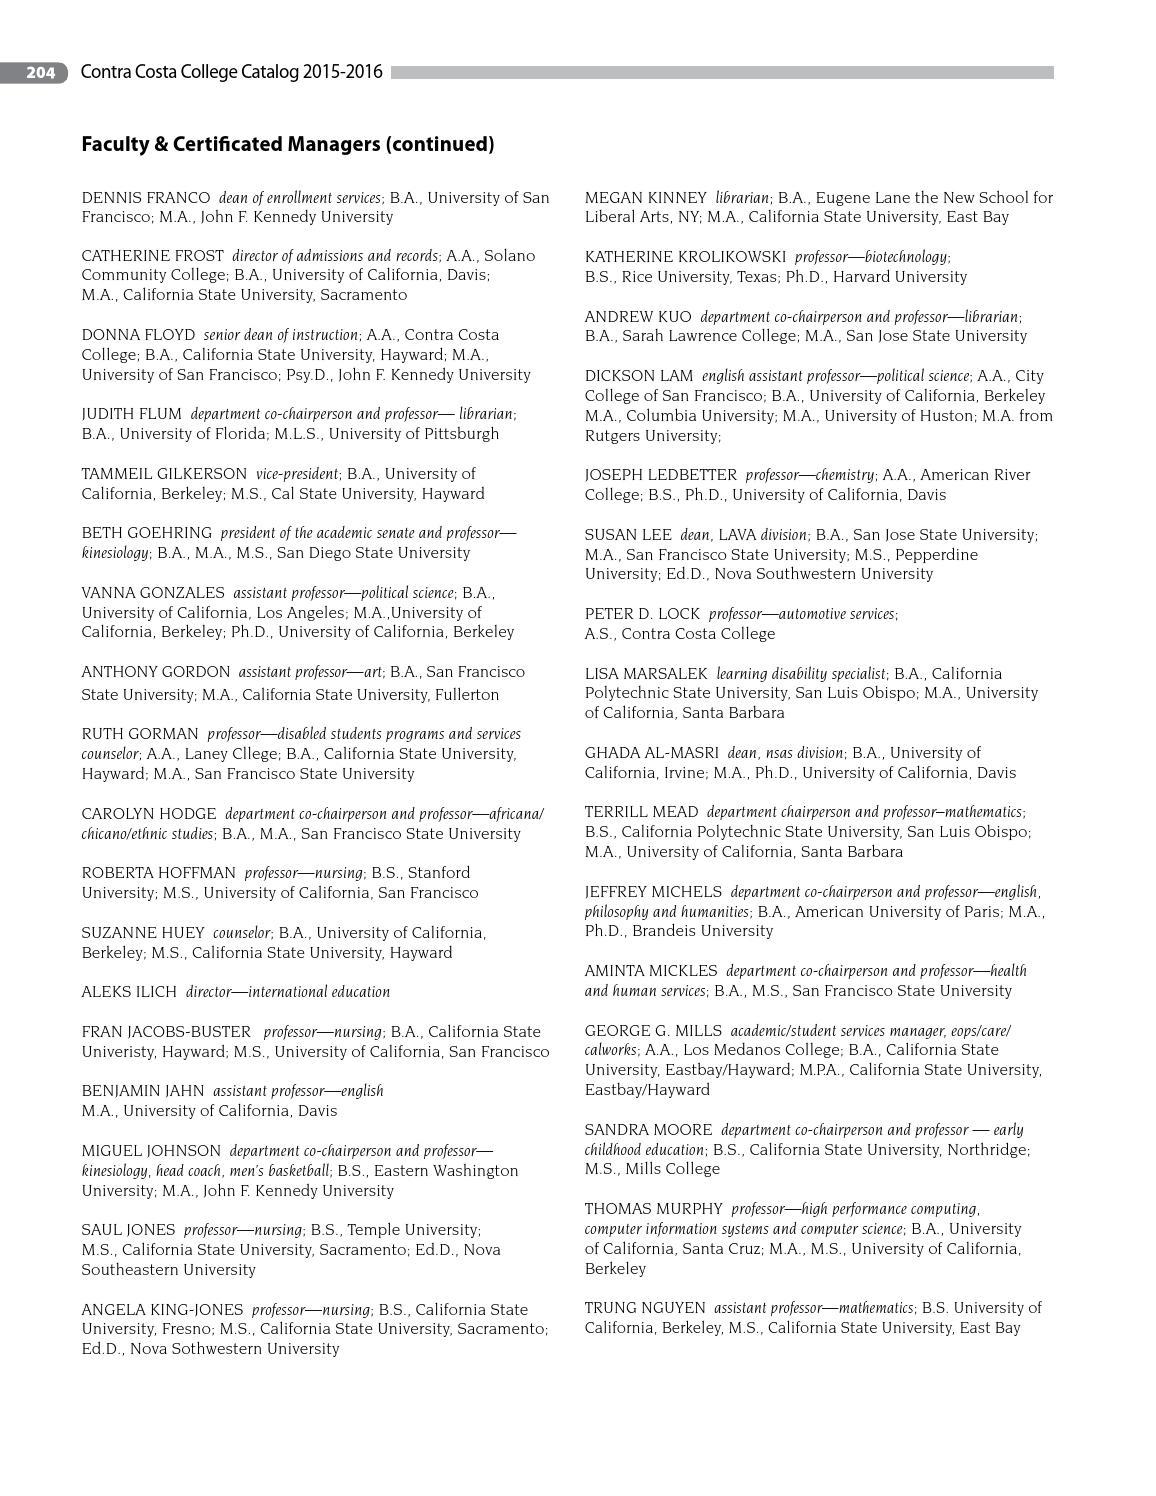 Contra Costa College Catalog 2015-16 by Contra Costa